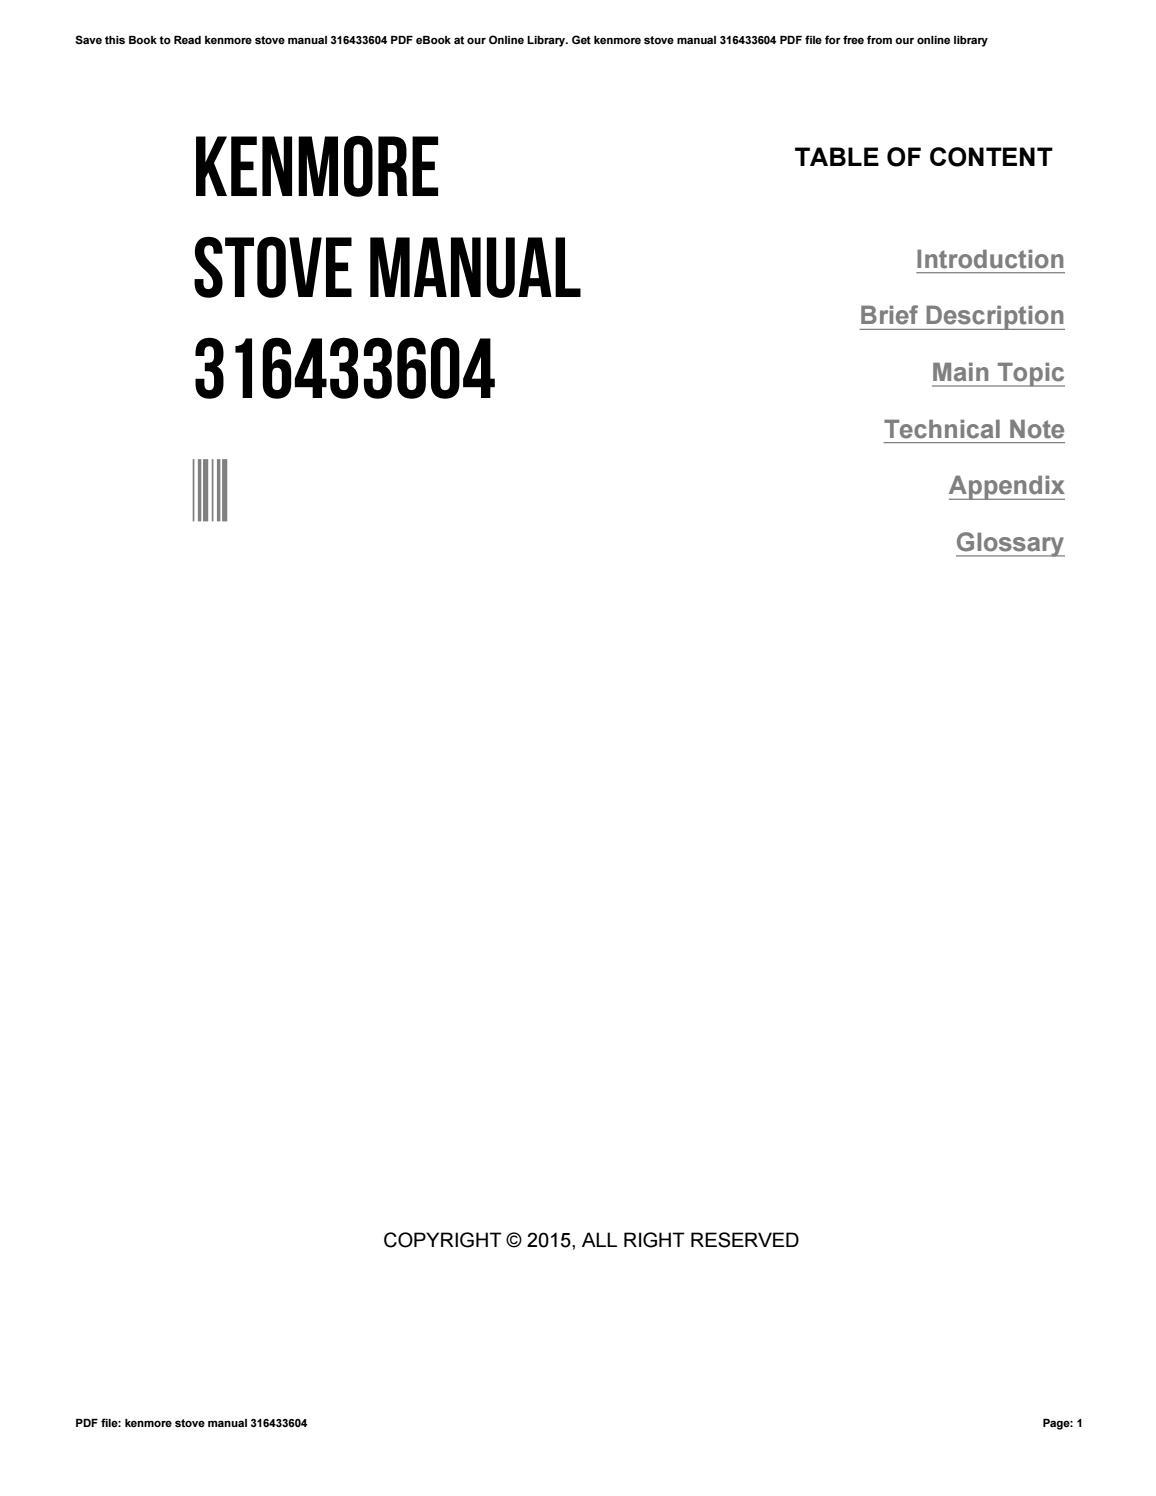 kenmore stove manual 316433604